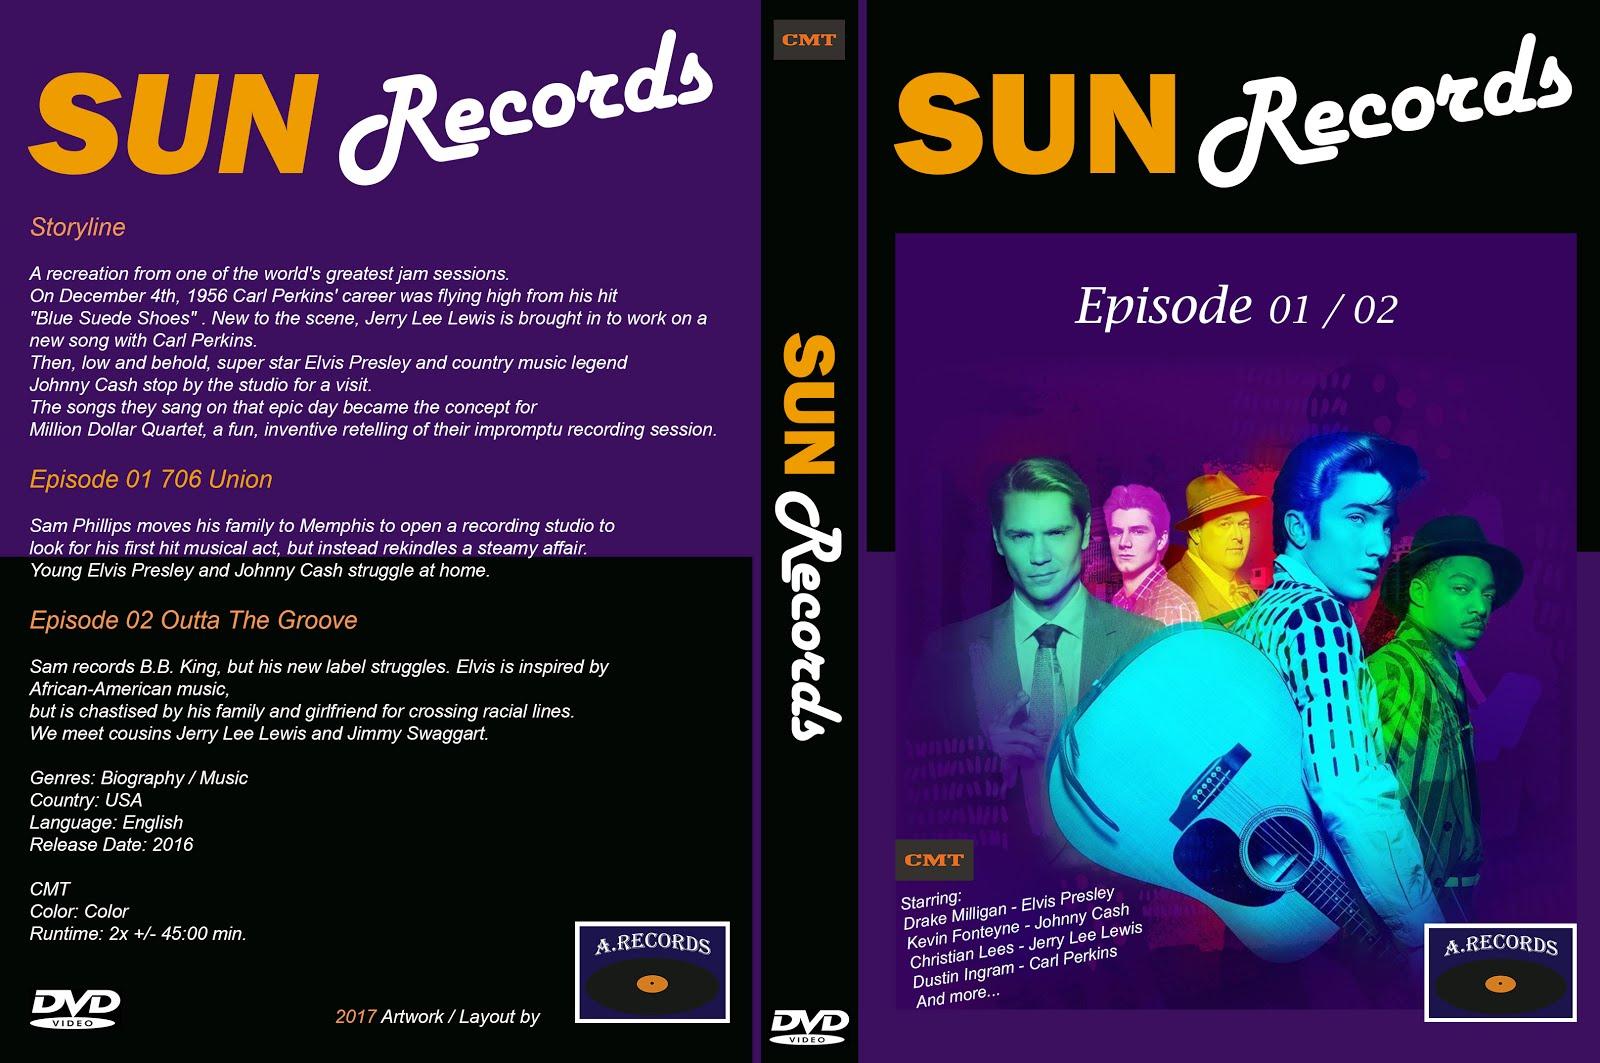 SUN Records (Serie 2017)